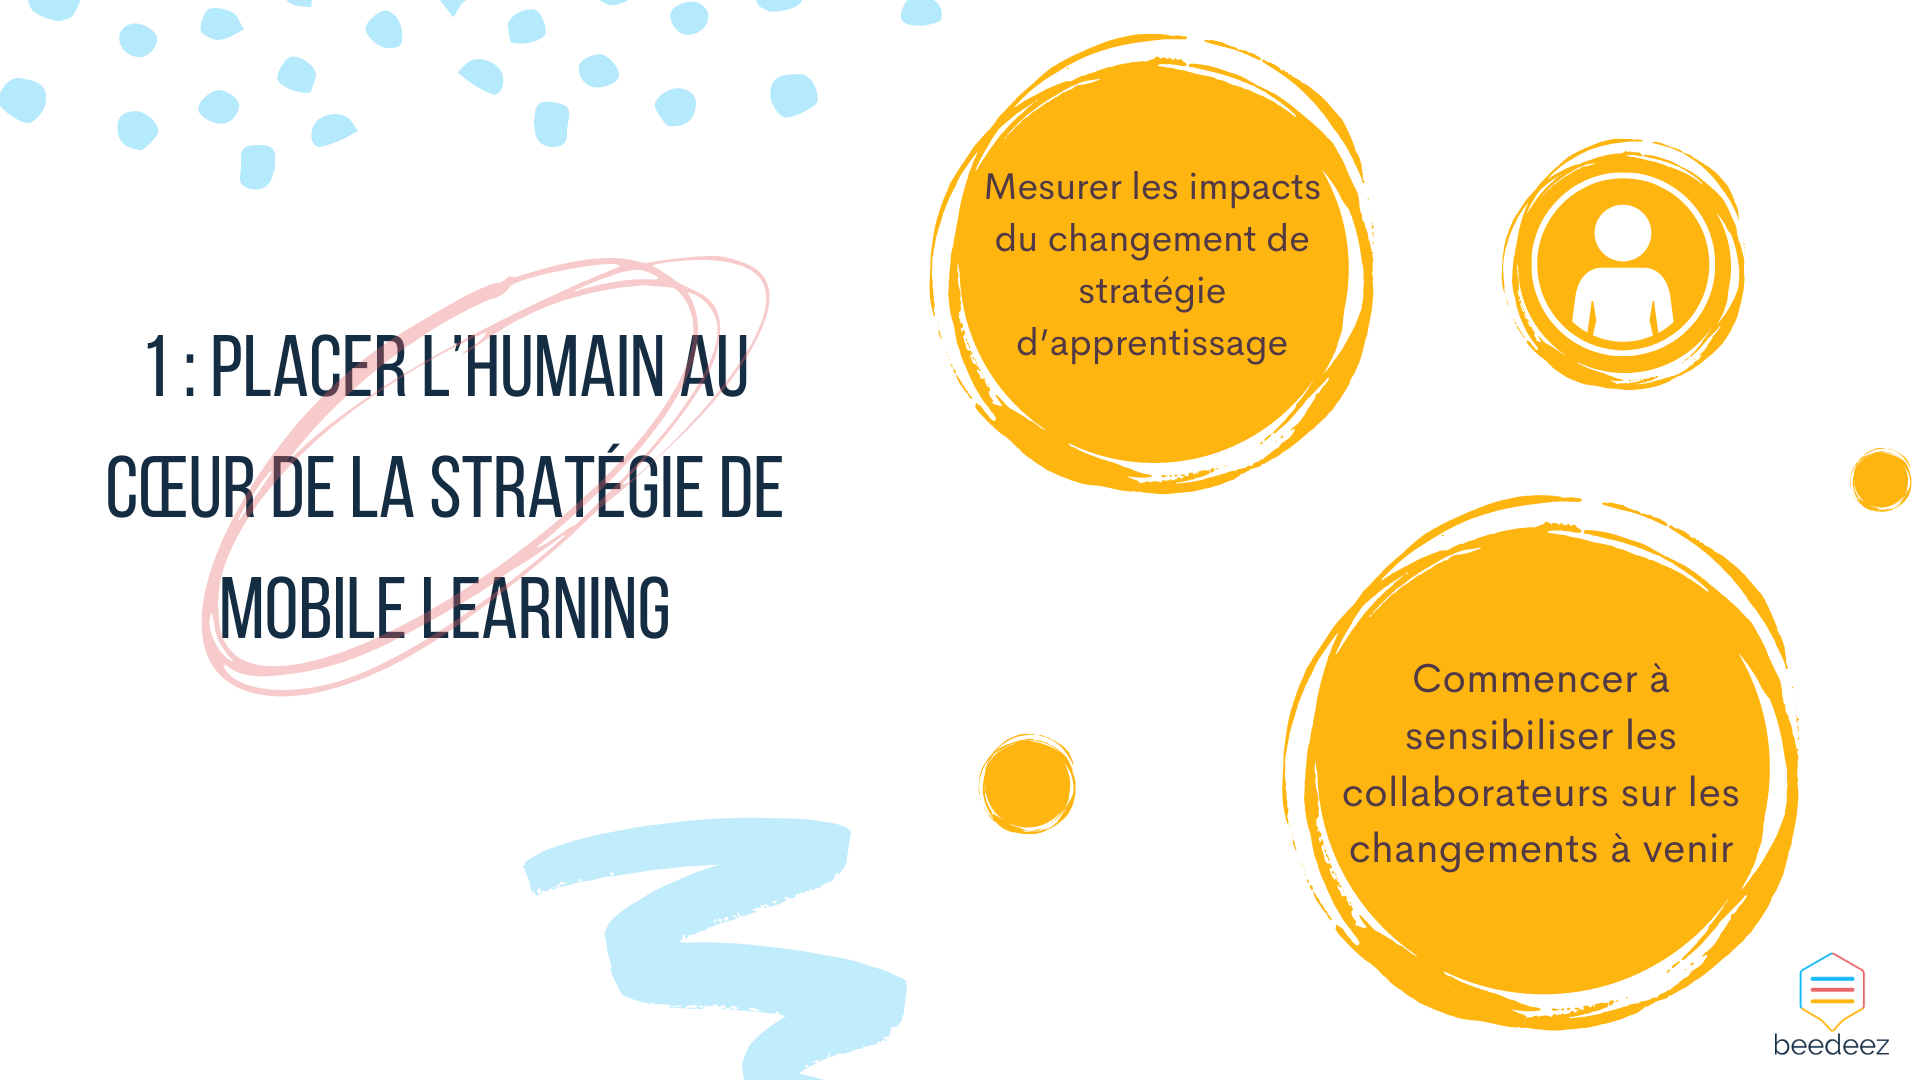 Placer l'humain au cœur de la stratégie de Mobile Learning